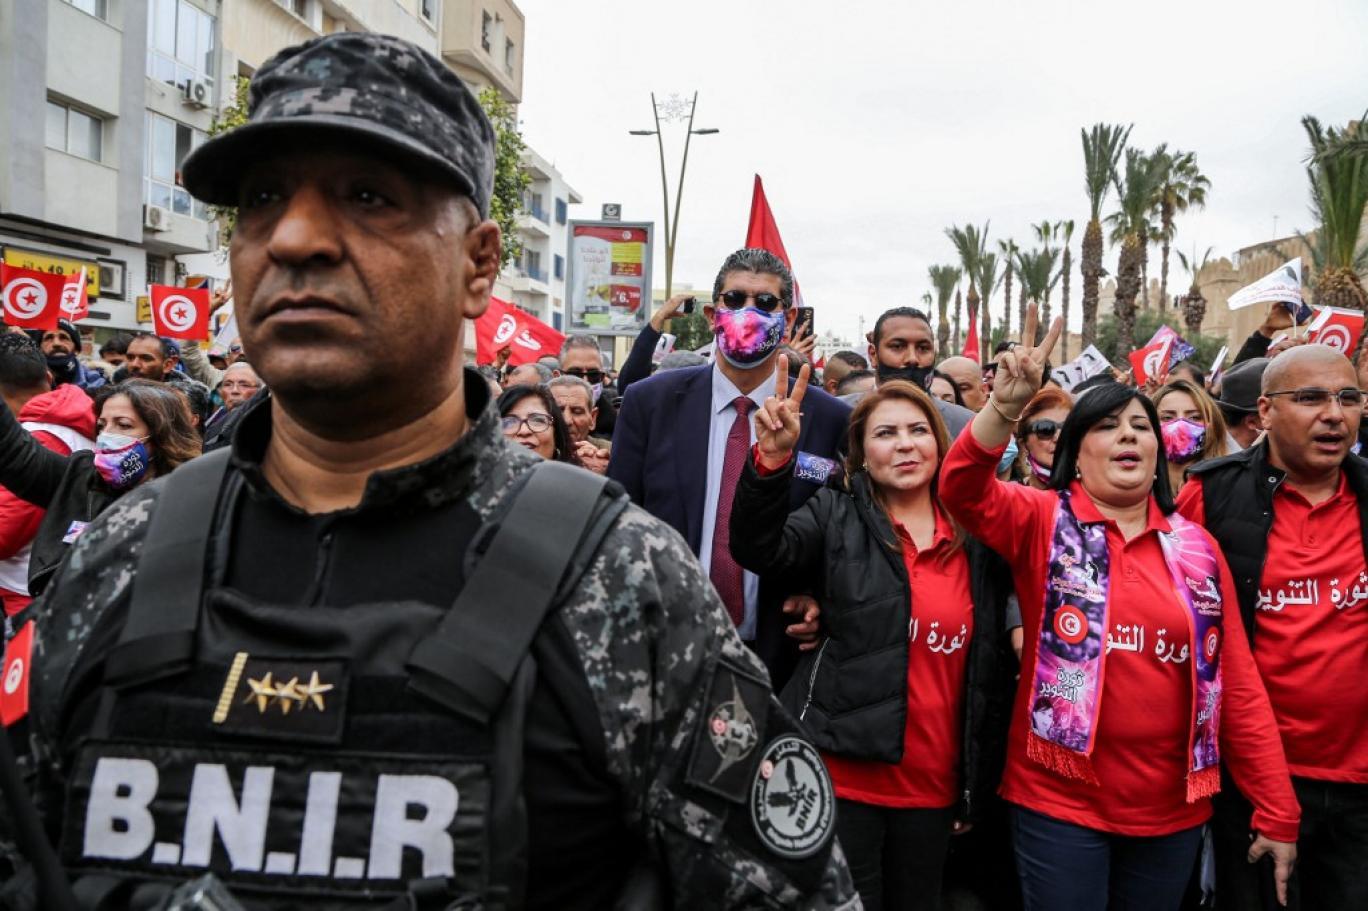 تونس، الحزب الدستوري الحر، حركة  النهضة ، عبير موسي، صفاقس،ذ حربوشة نيوز